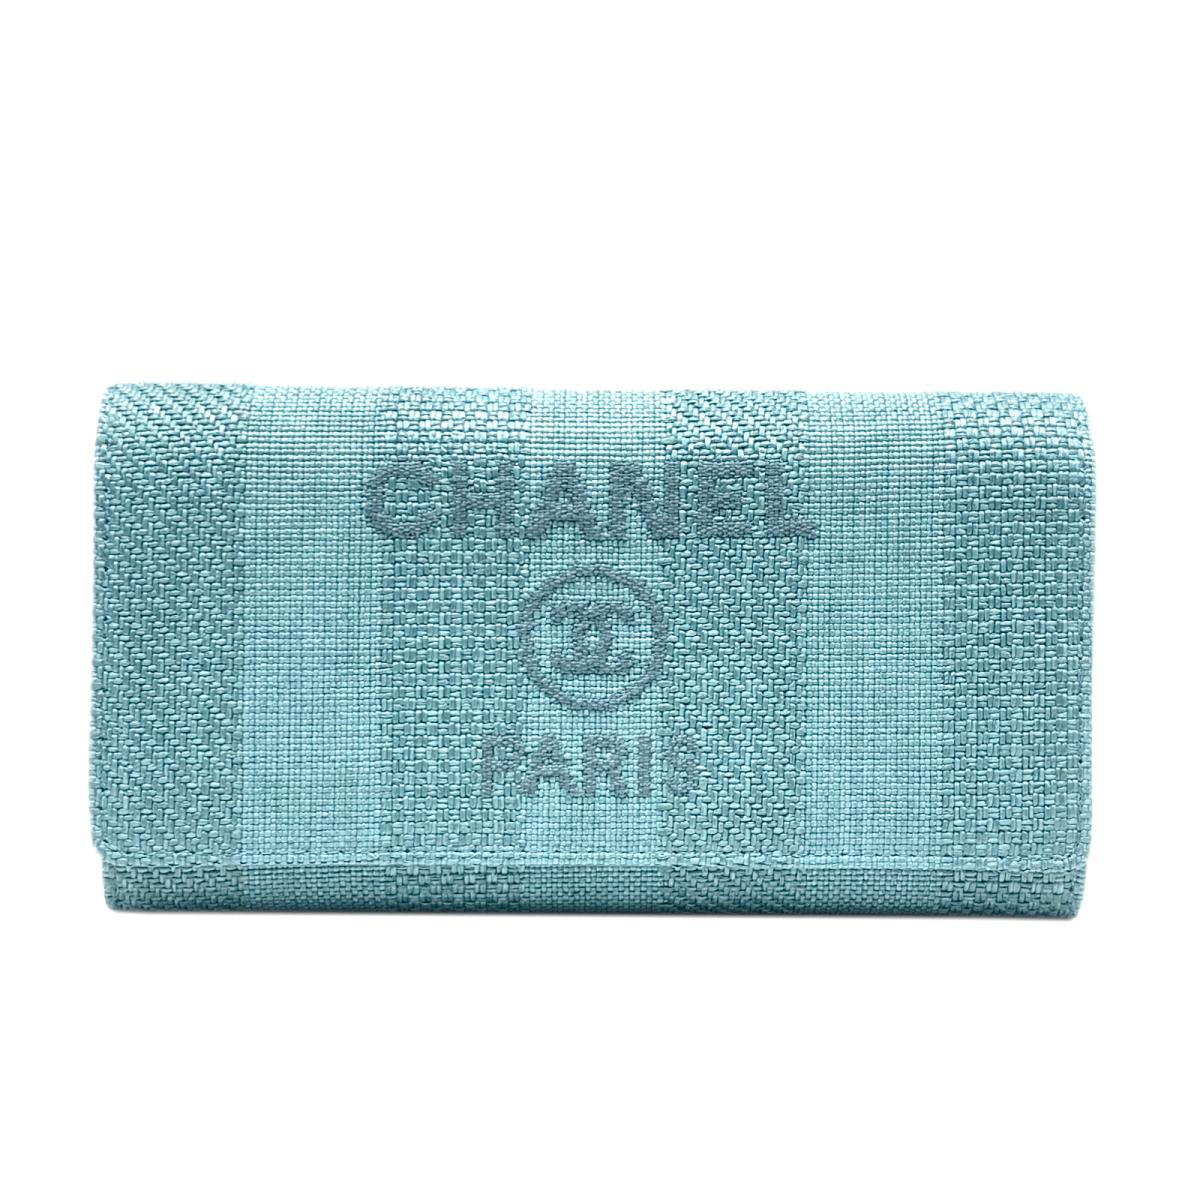 シャネル ドーヴィル ロング フラップ ウォレット 二つ折り 長財布 財布 レディース キャンバス x カーフスキン ライトブルー (A81976)   CHANEL BRANDOFF ブランドオフ ブランド ブランド財布 レディース財布 サイフ